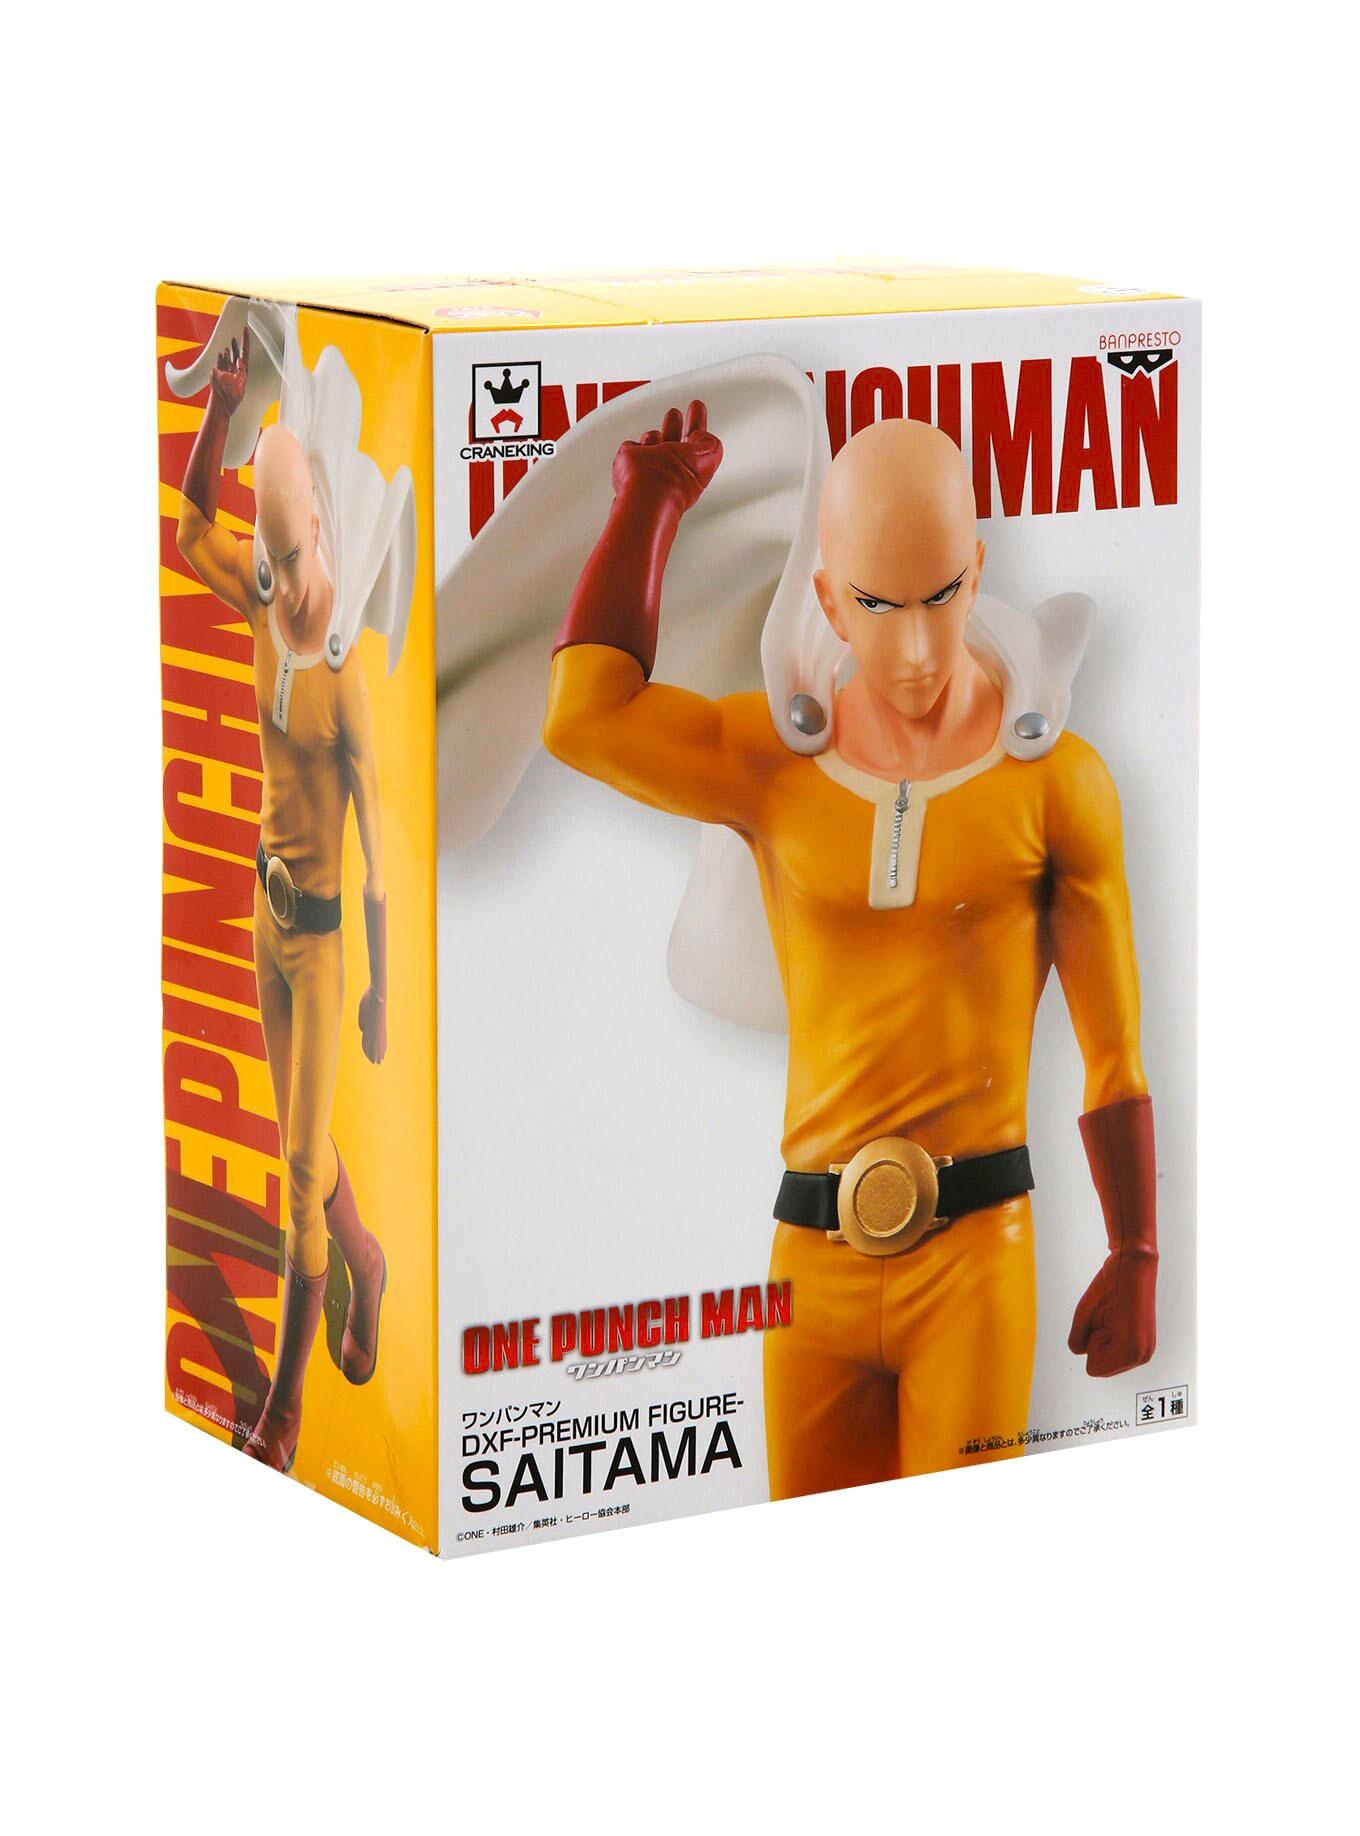 ONE PUNCH MAN DXF PREMIUIM SAITAMA